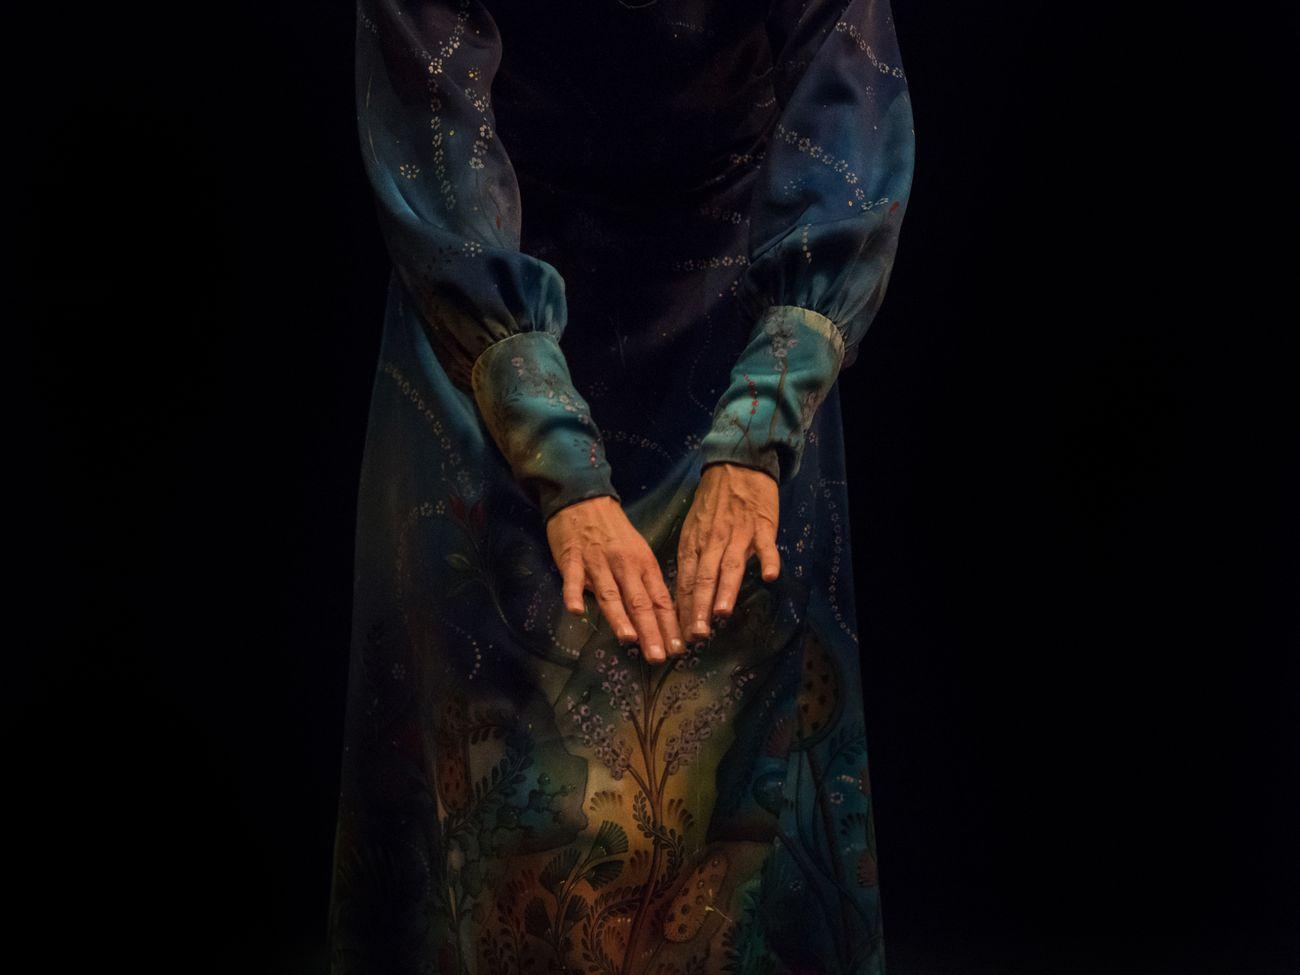 Raffaella Giordano, Celeste. Appunti per natura. Photo Andrea Macchia